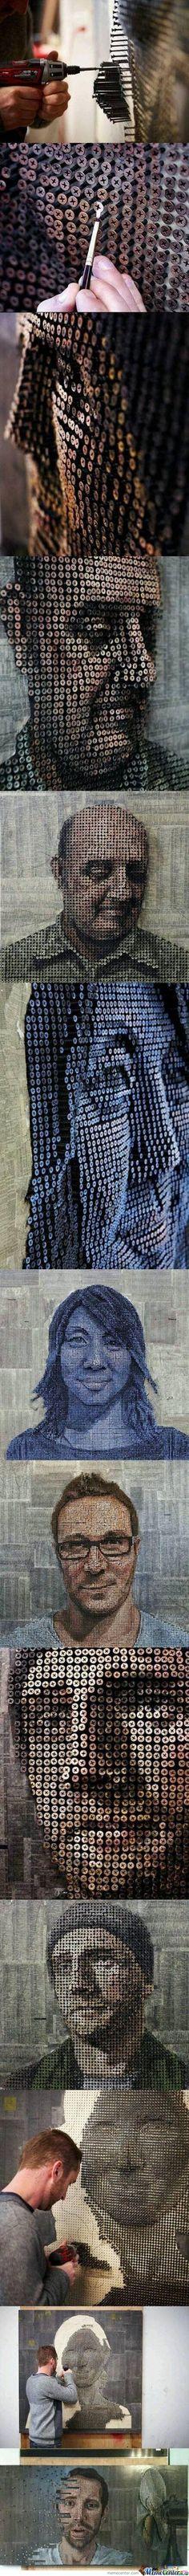 Amazing Screw Art